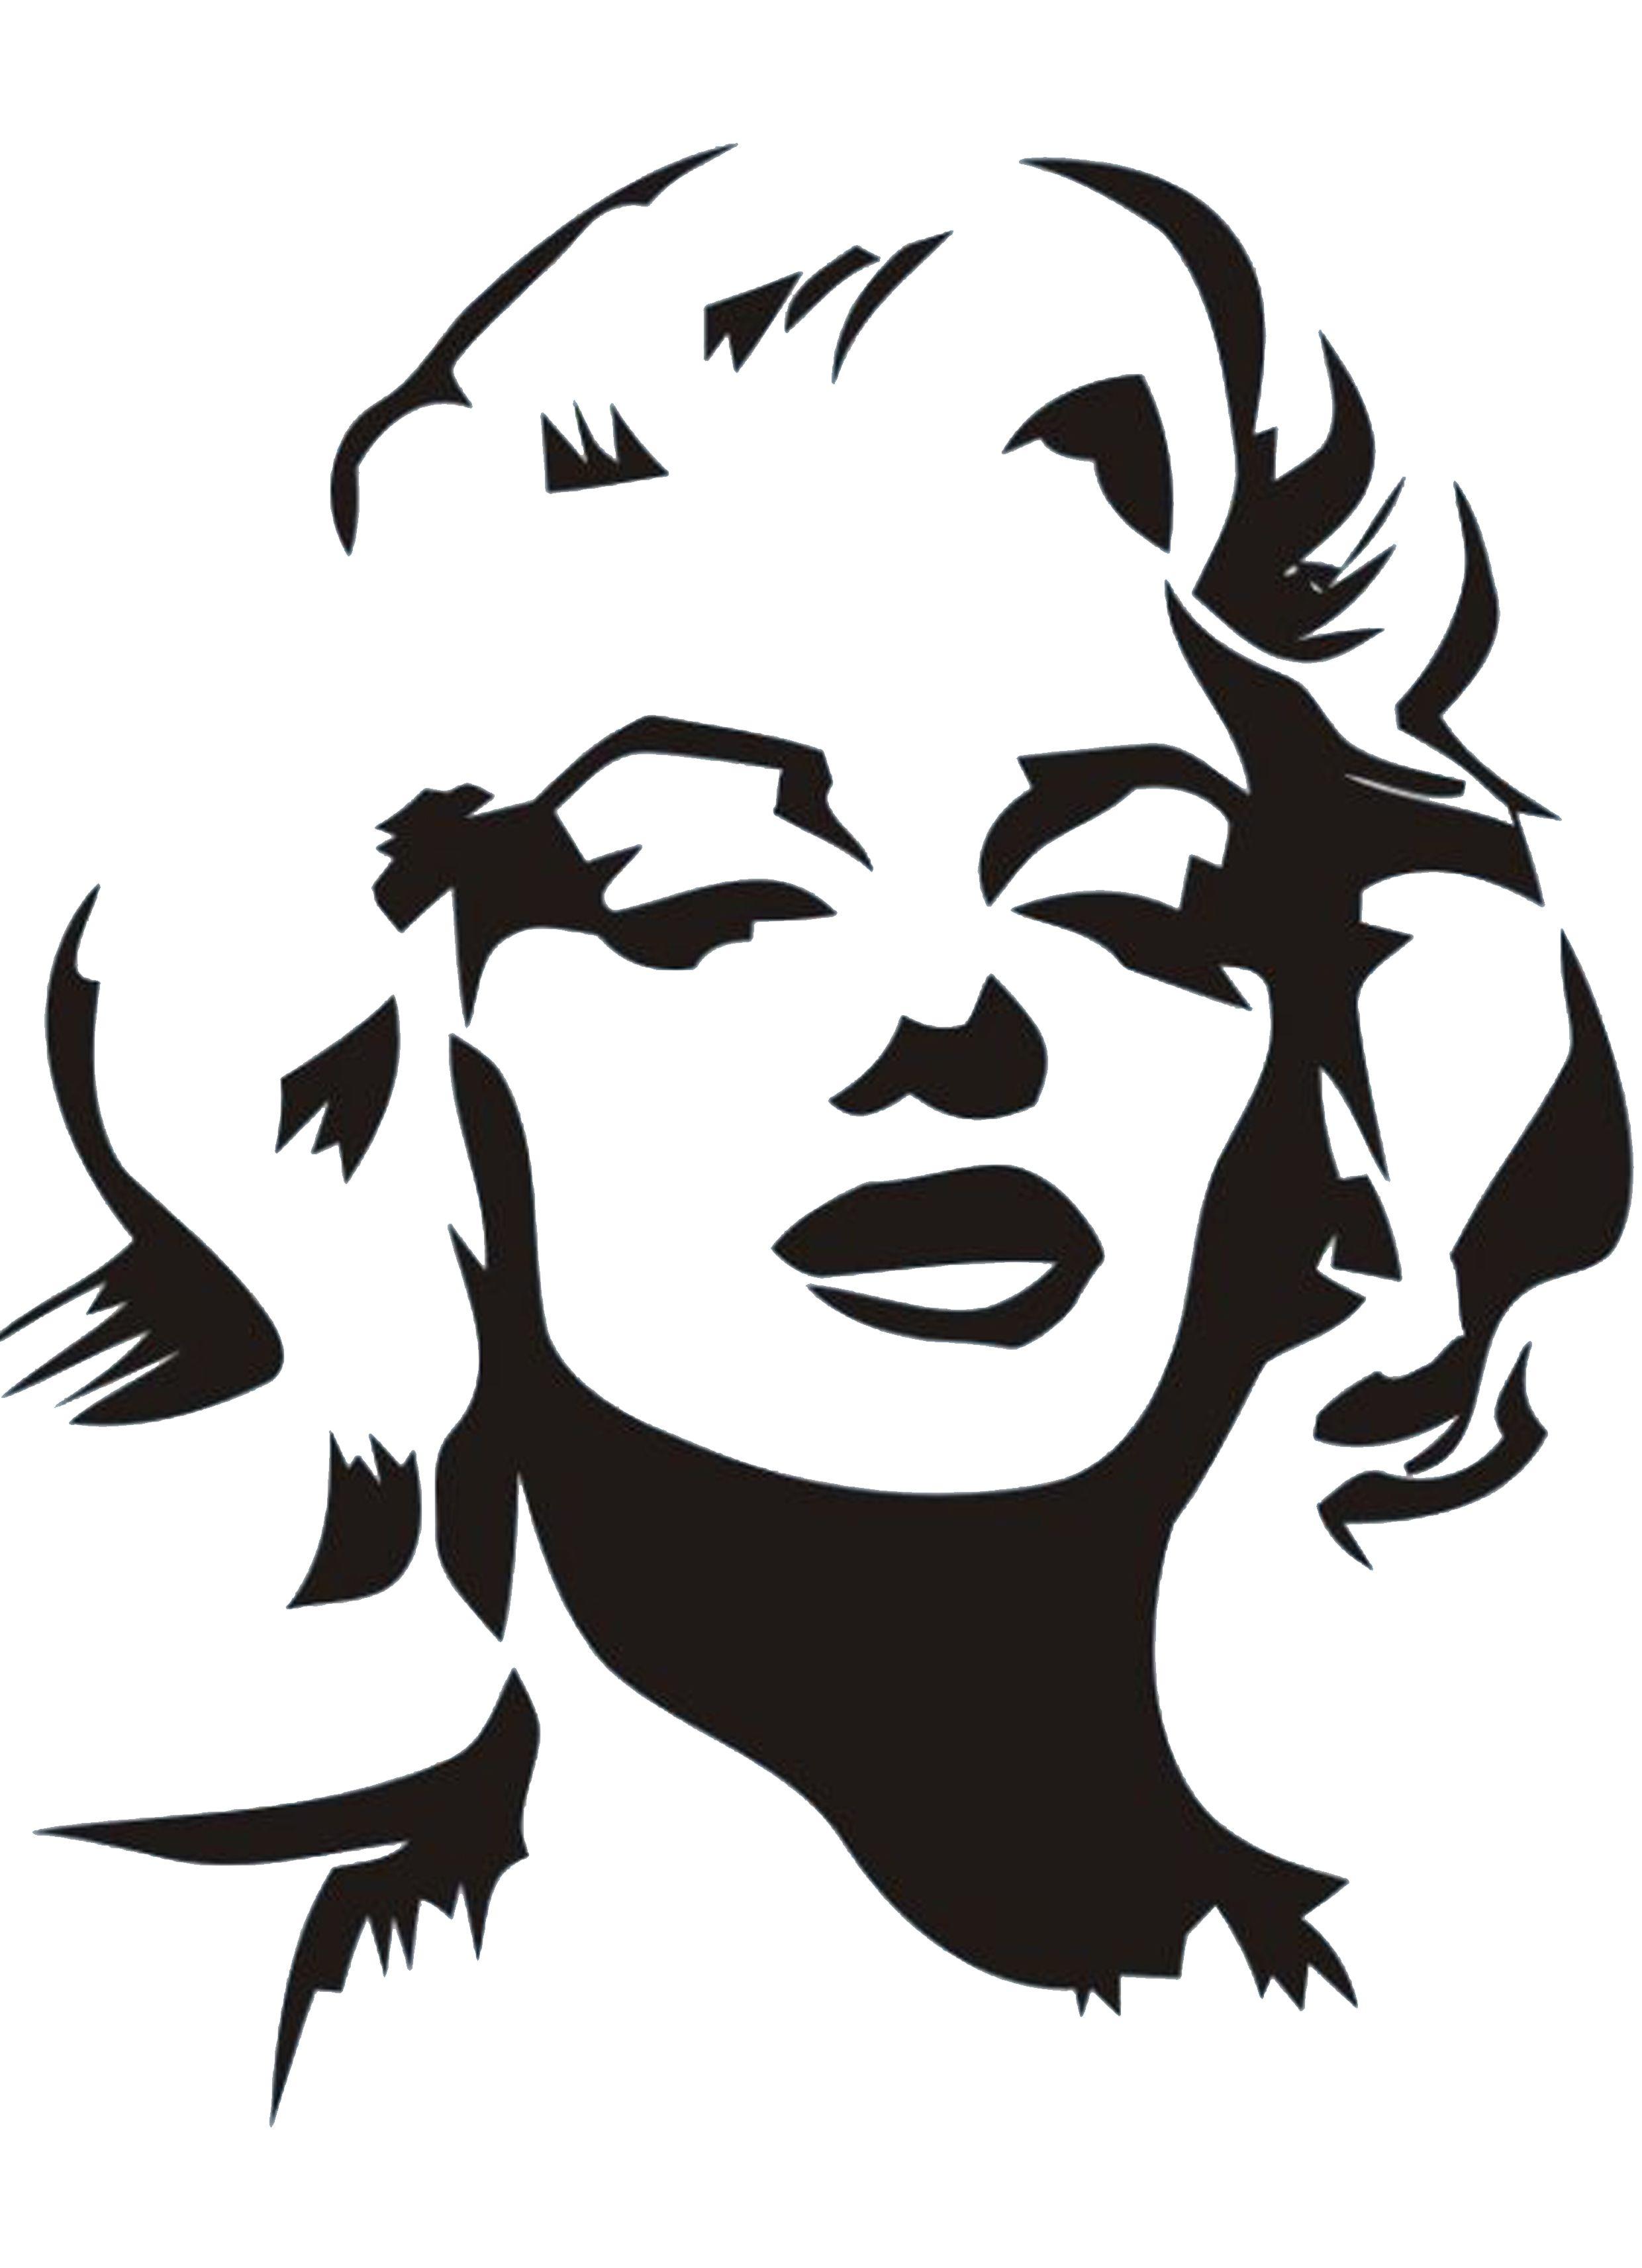 Marilyn Monroe Silhouette | Shrinky Dinks | Pinterest